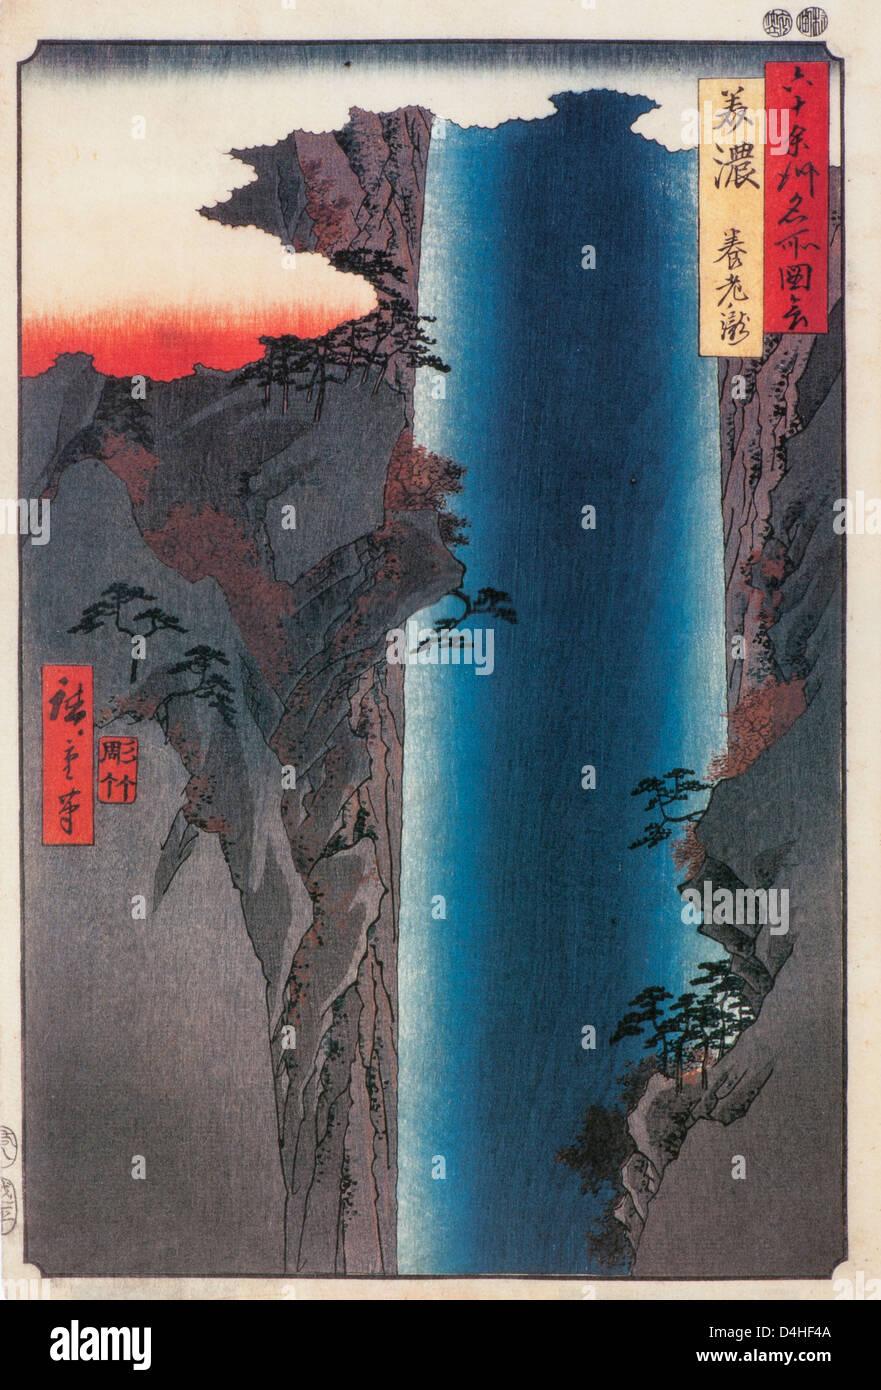 The Waterfall at Yoro, 1853 by Utagawa Hiroshige - Stock Image